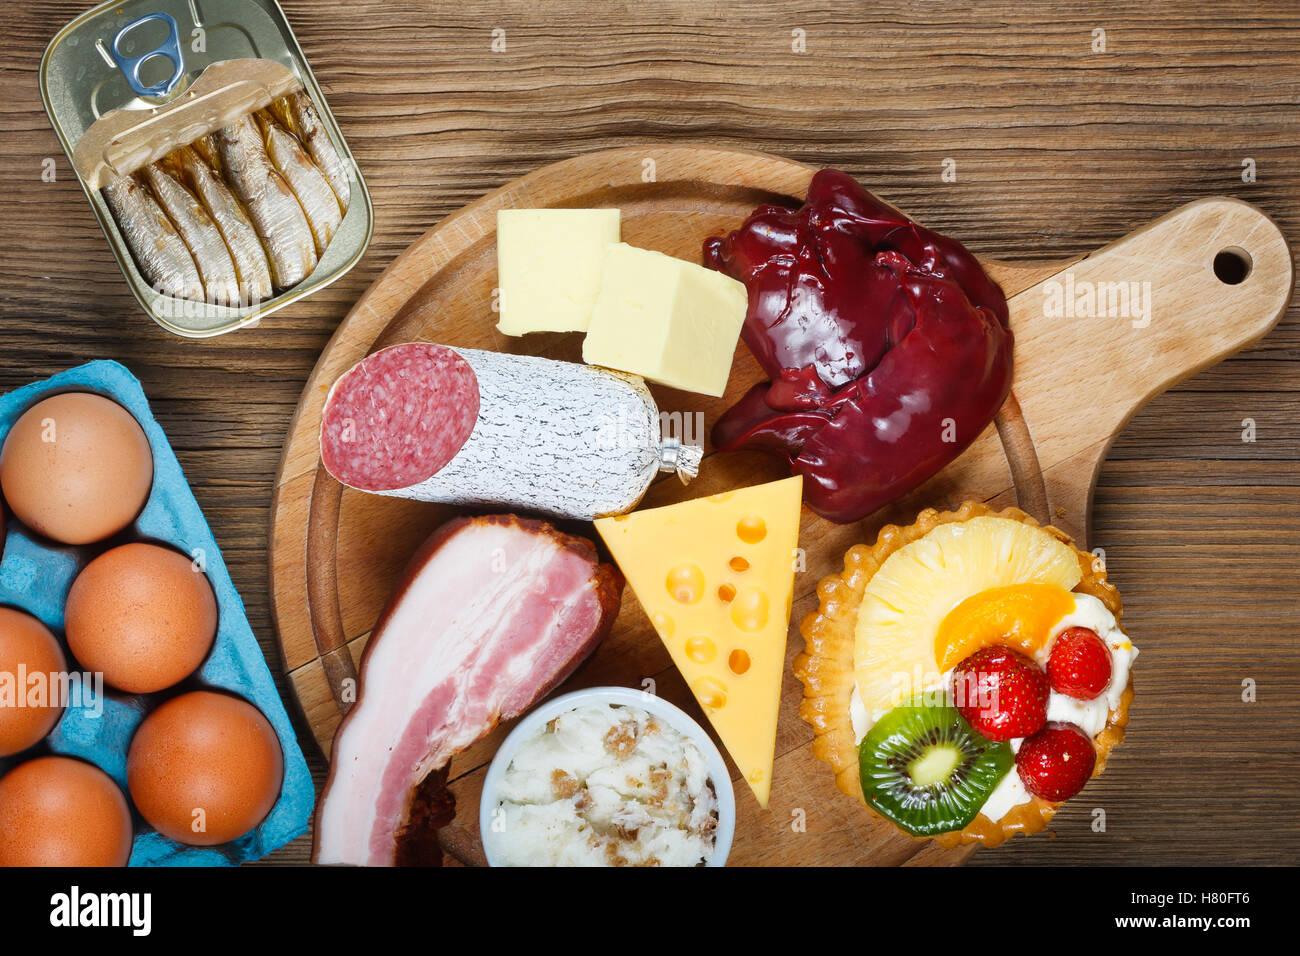 Cholesterinreiche Lebensmittel wie Leber, gelben Käse, Butter, Eiern, Speck, Schmalz mit Zwiebeln, Sardinen Stockbild